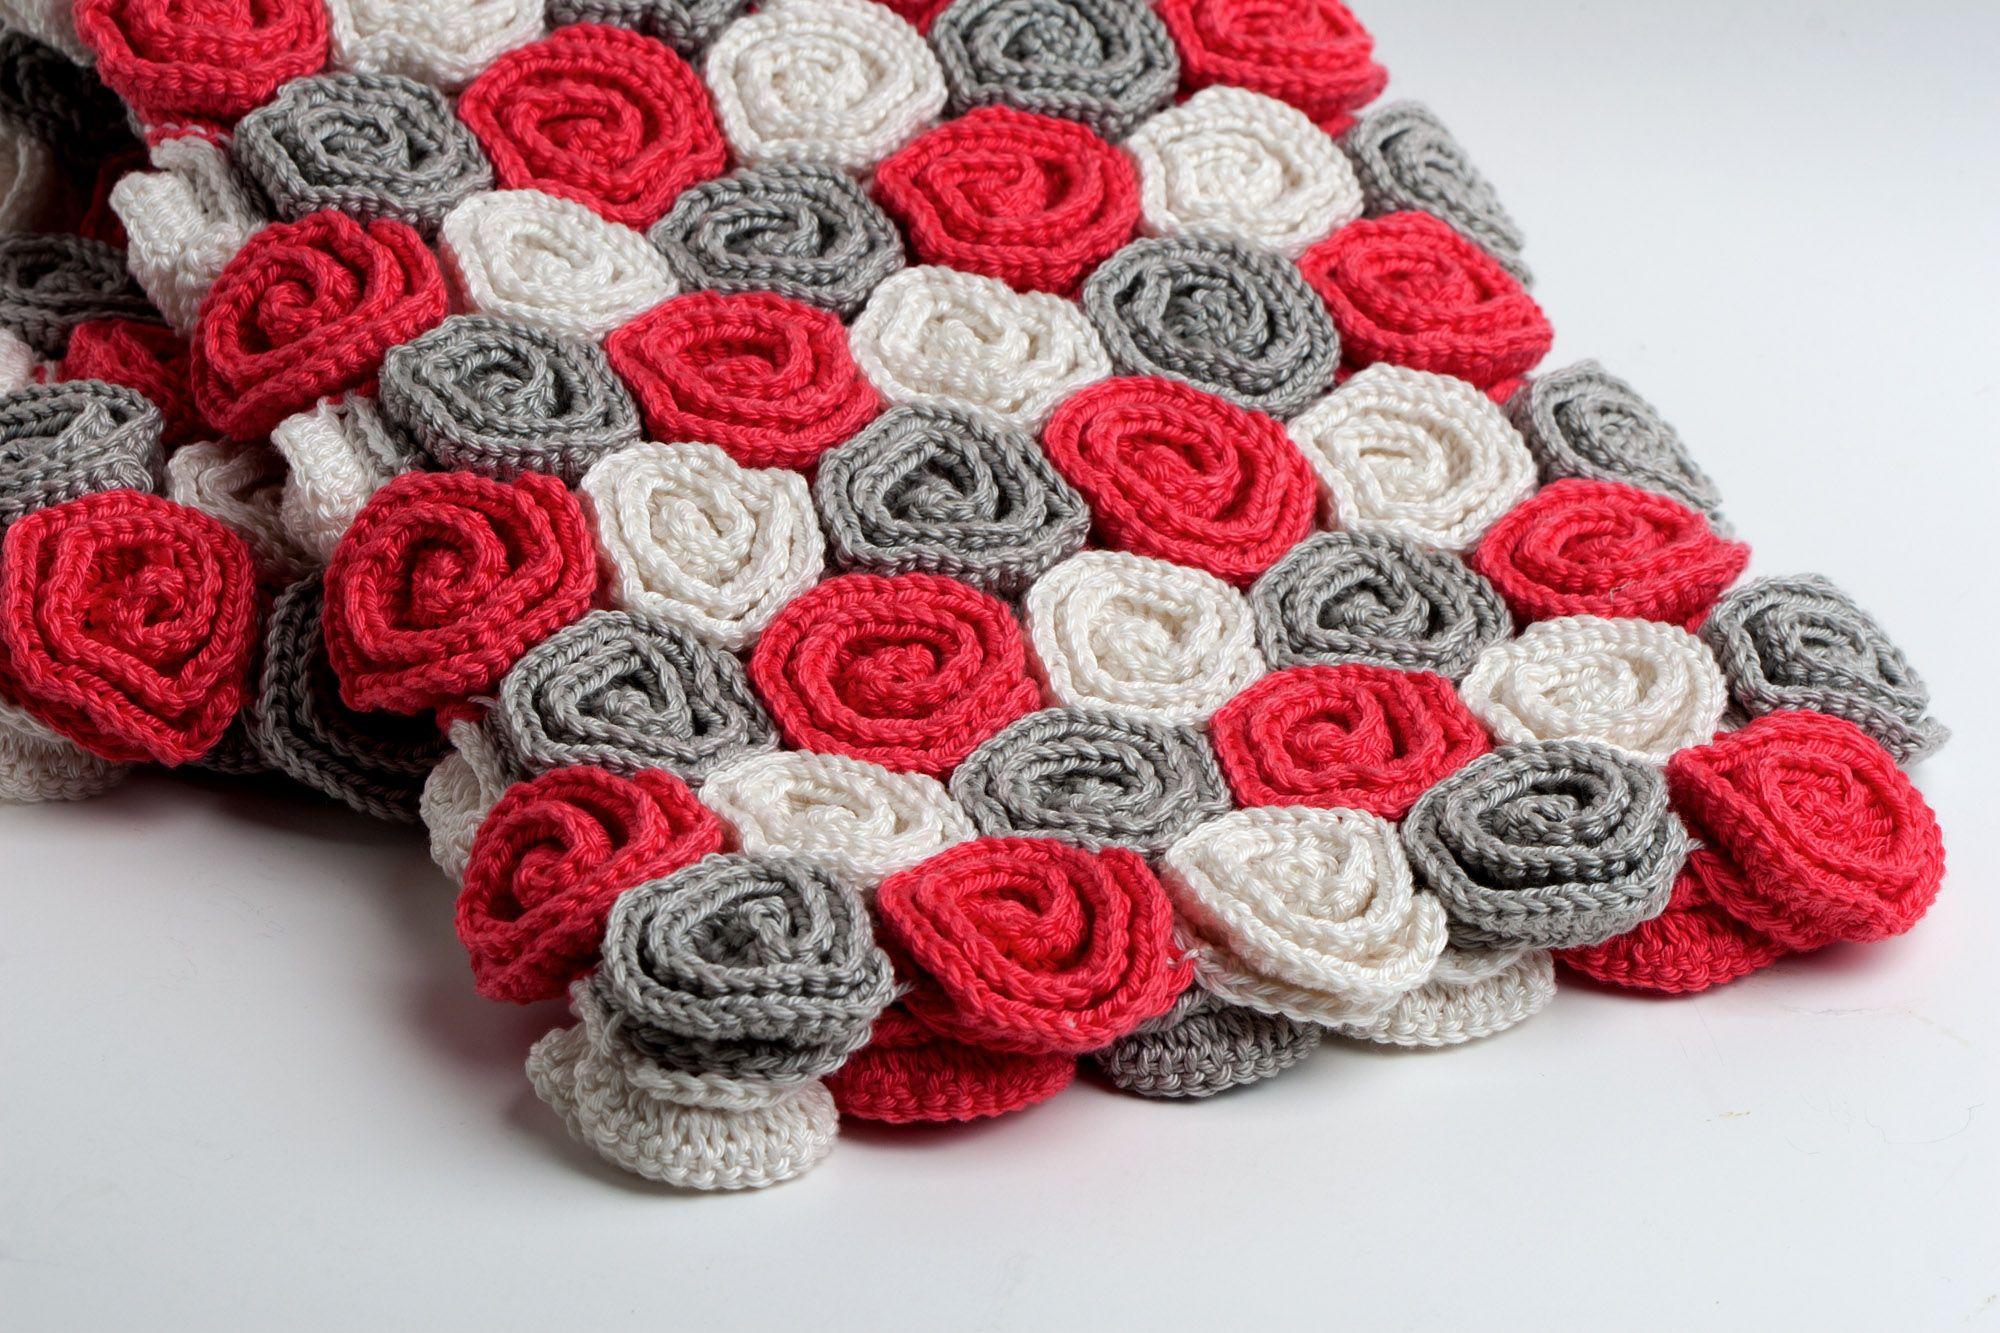 Crochet rose field blanket pattern crochet blanket patterns crochet pattern rose field baby blanket would look great in all pink roses bankloansurffo Gallery